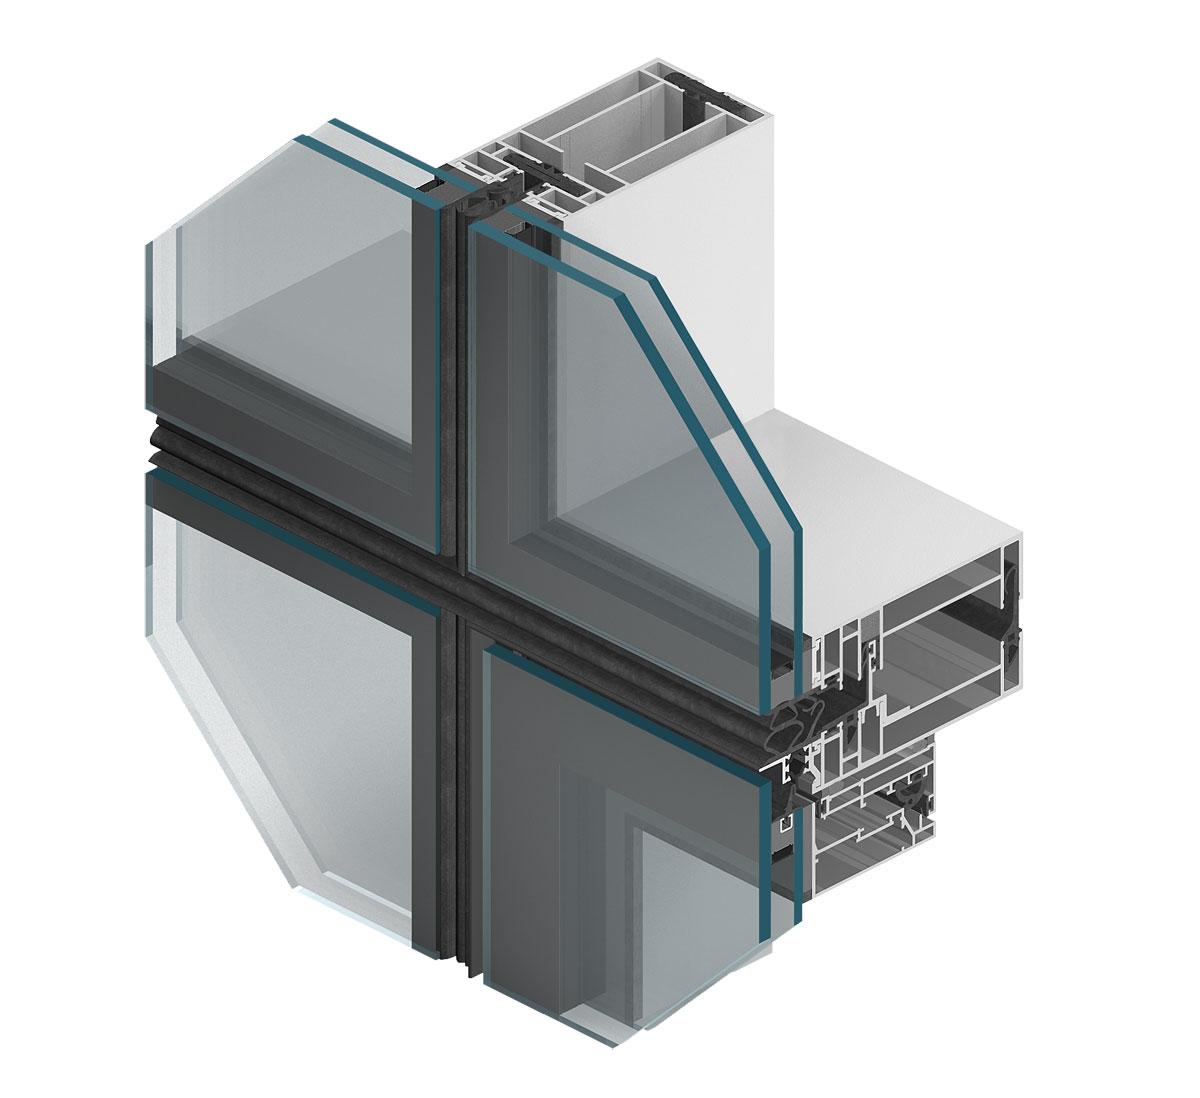 Systém výplňovej prvkovej steny MBSE80.